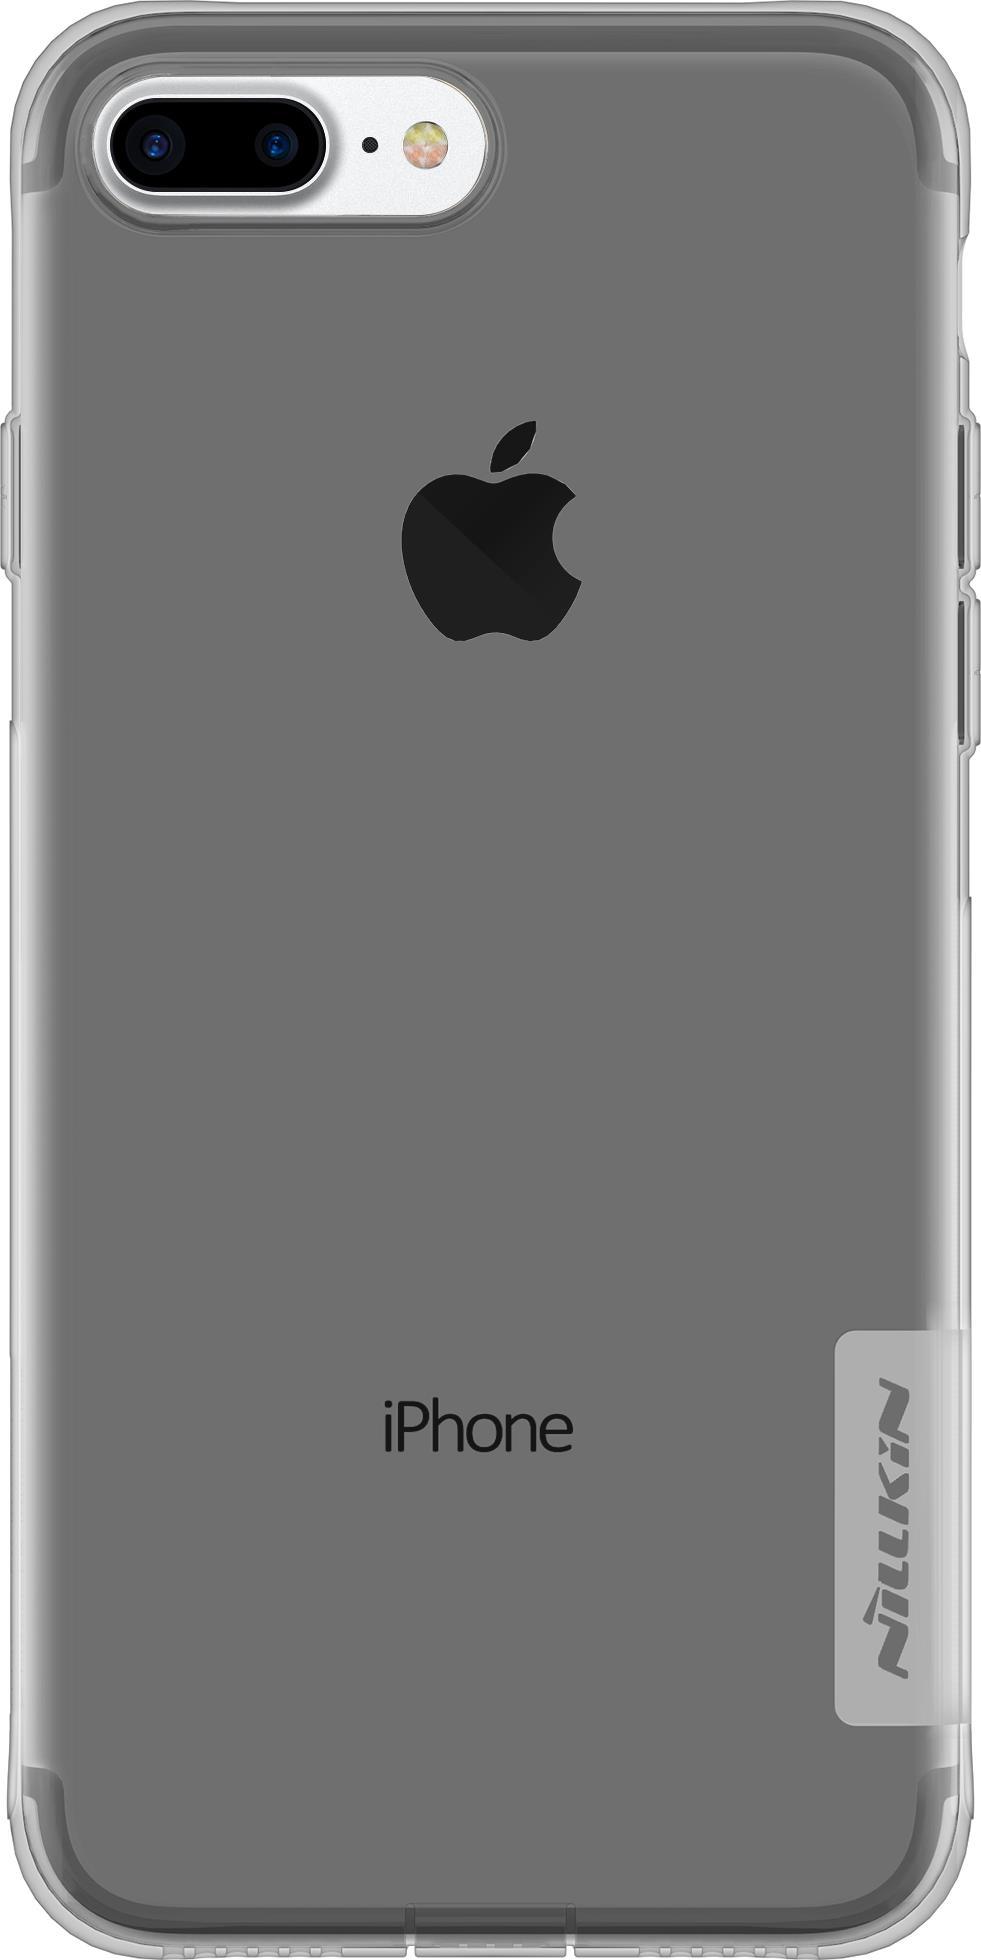 Чехол силиконовый для Apple iPhone 7 Plus аксессуар чехол snoogy для apple iphone 7 plus creative silicone 0 3mm black